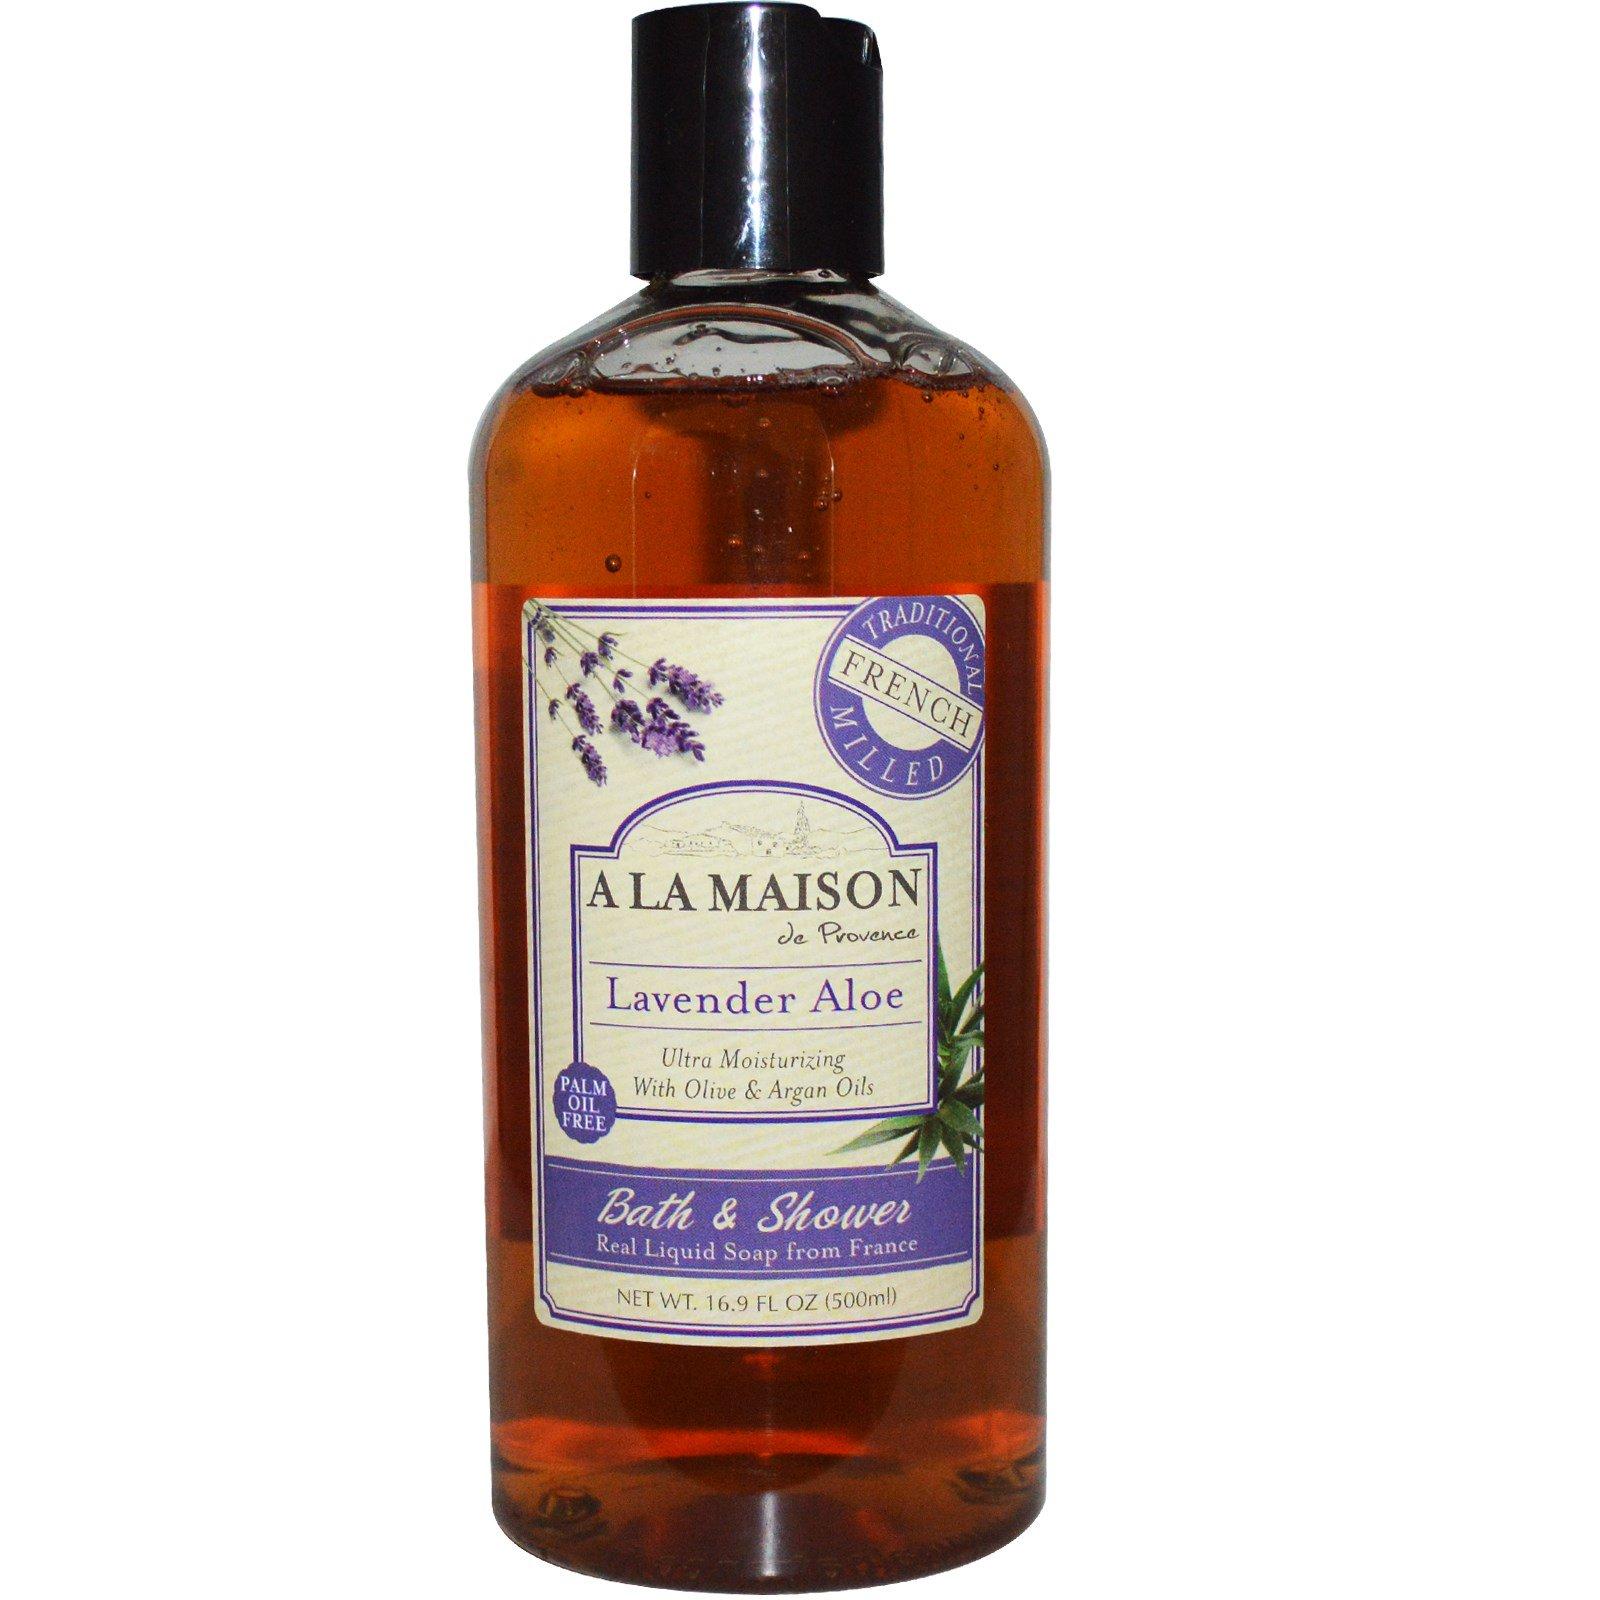 A La Maison de Provence, Жидкое мыло для ванны и душа, лаванда и алоэ, 500 мл (16,9 жидких унций)